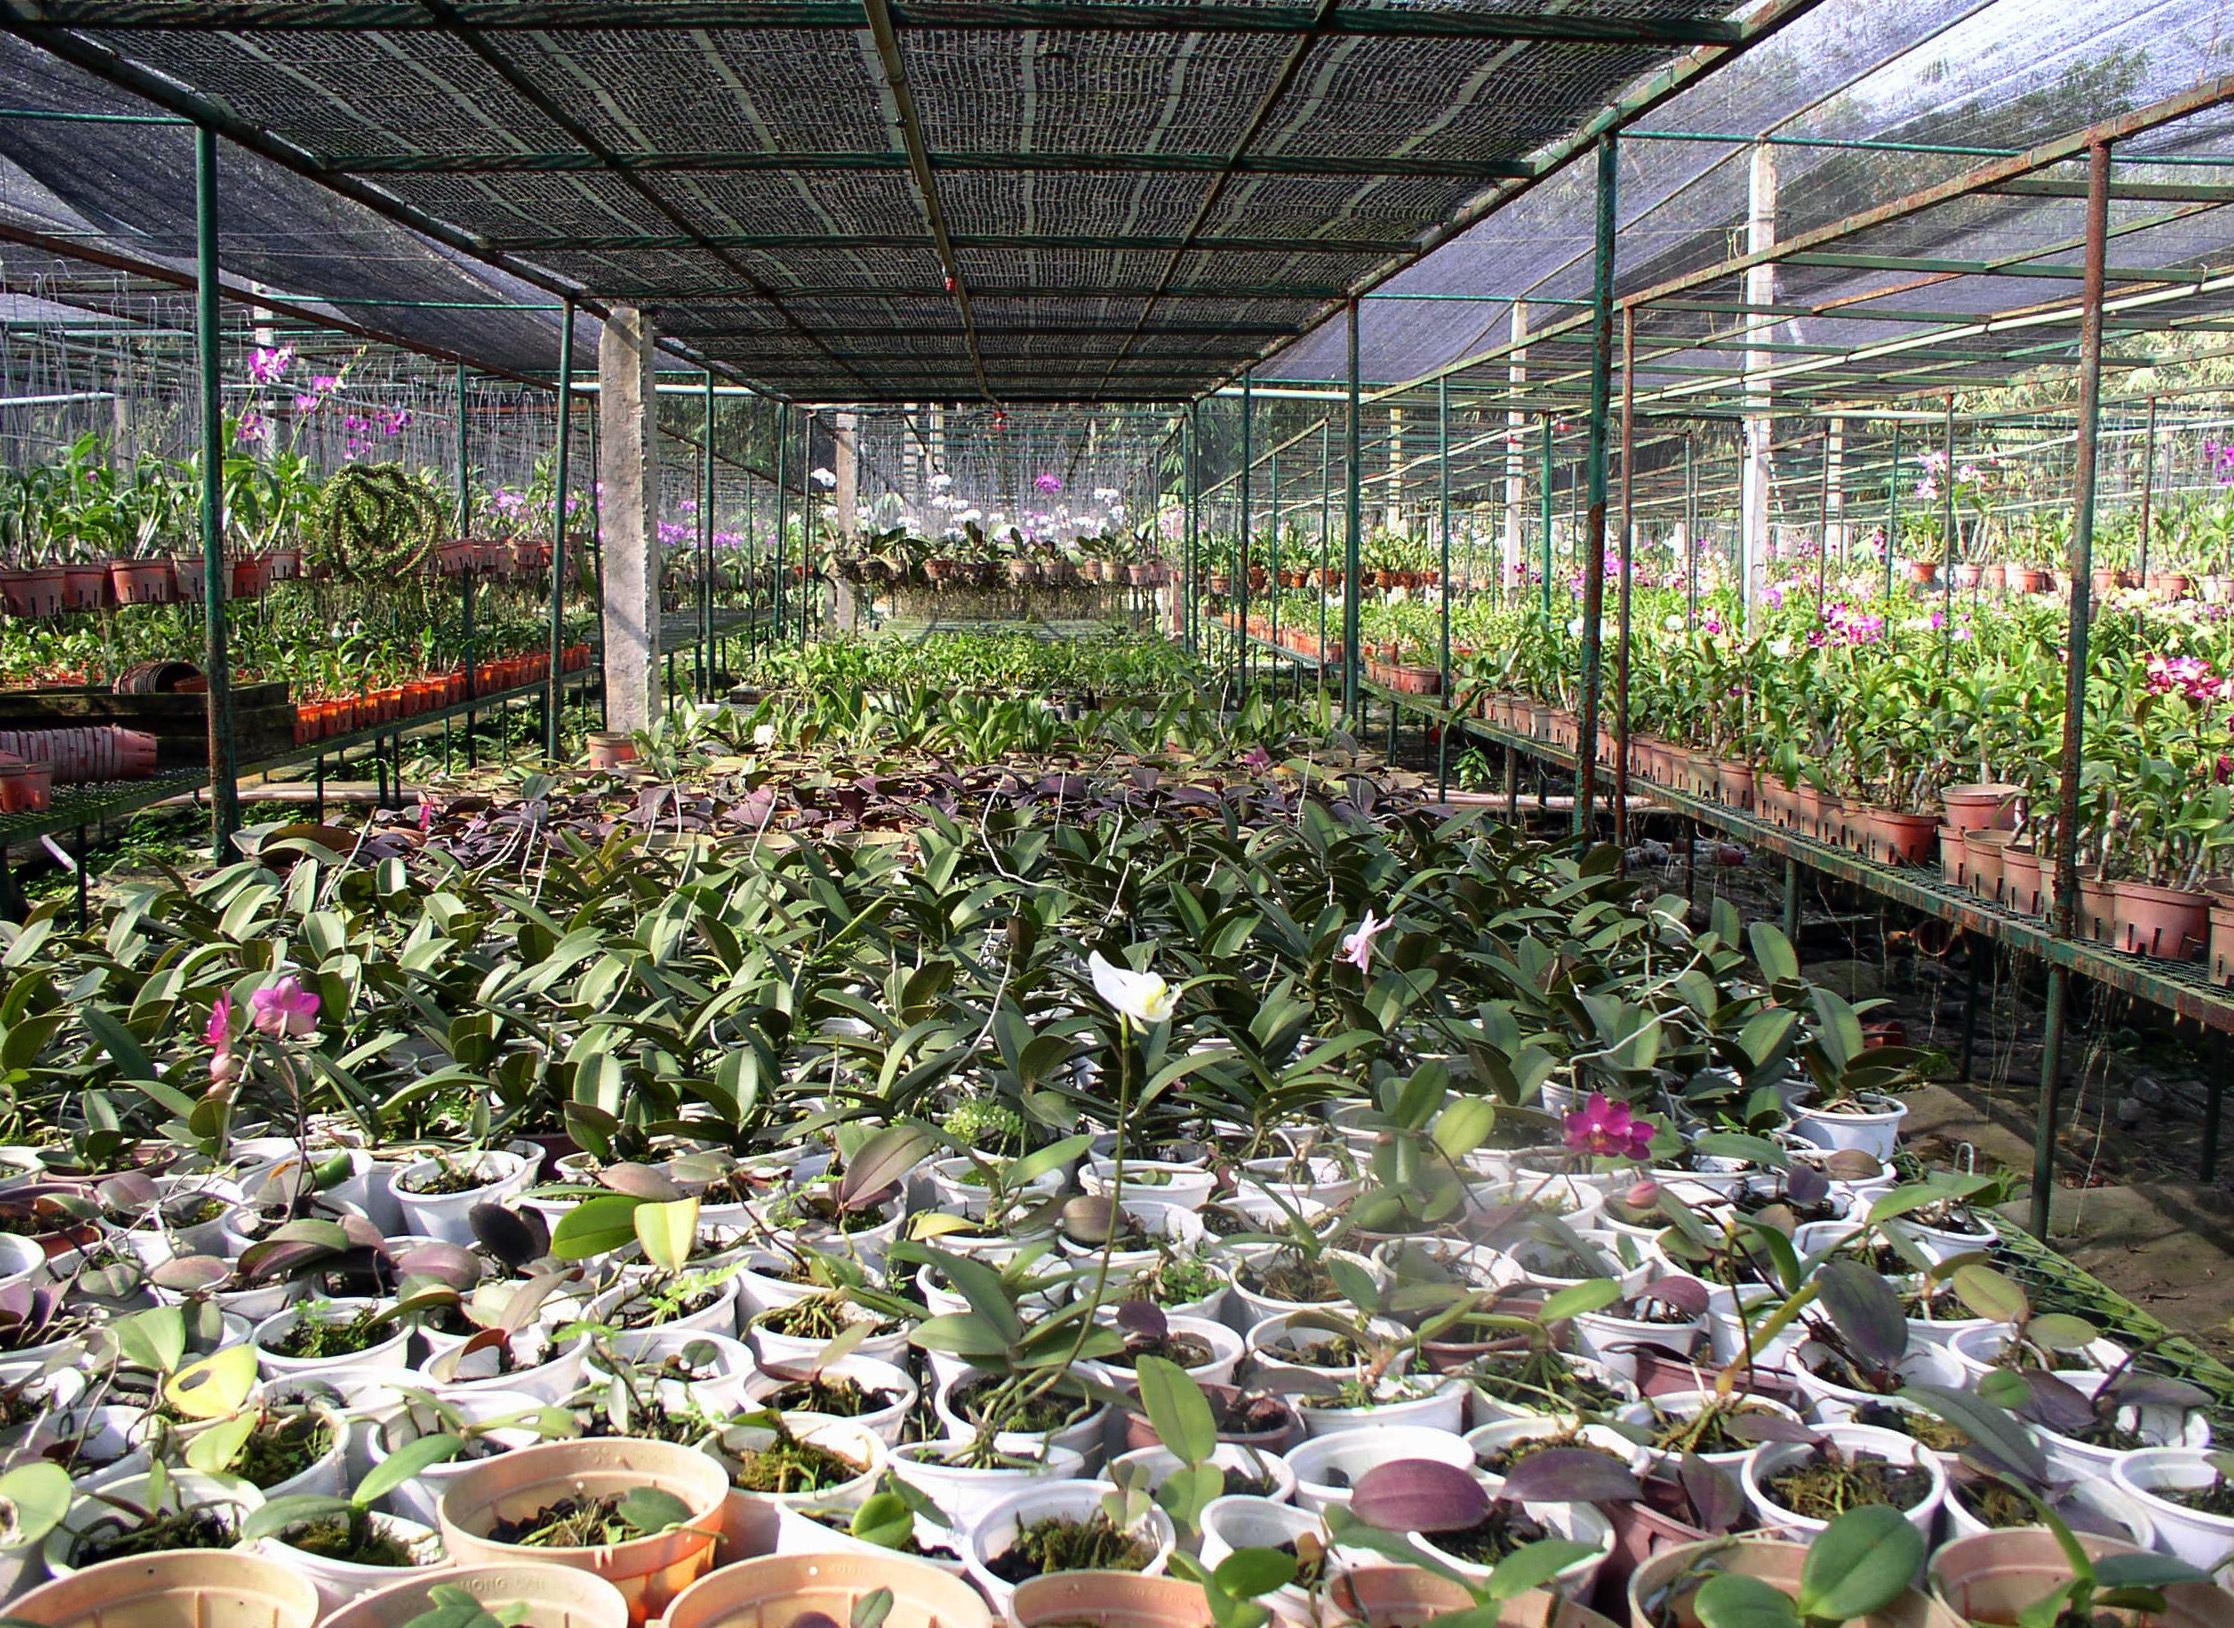 images gratuites : ferme, fleur, outil, environnement, produire